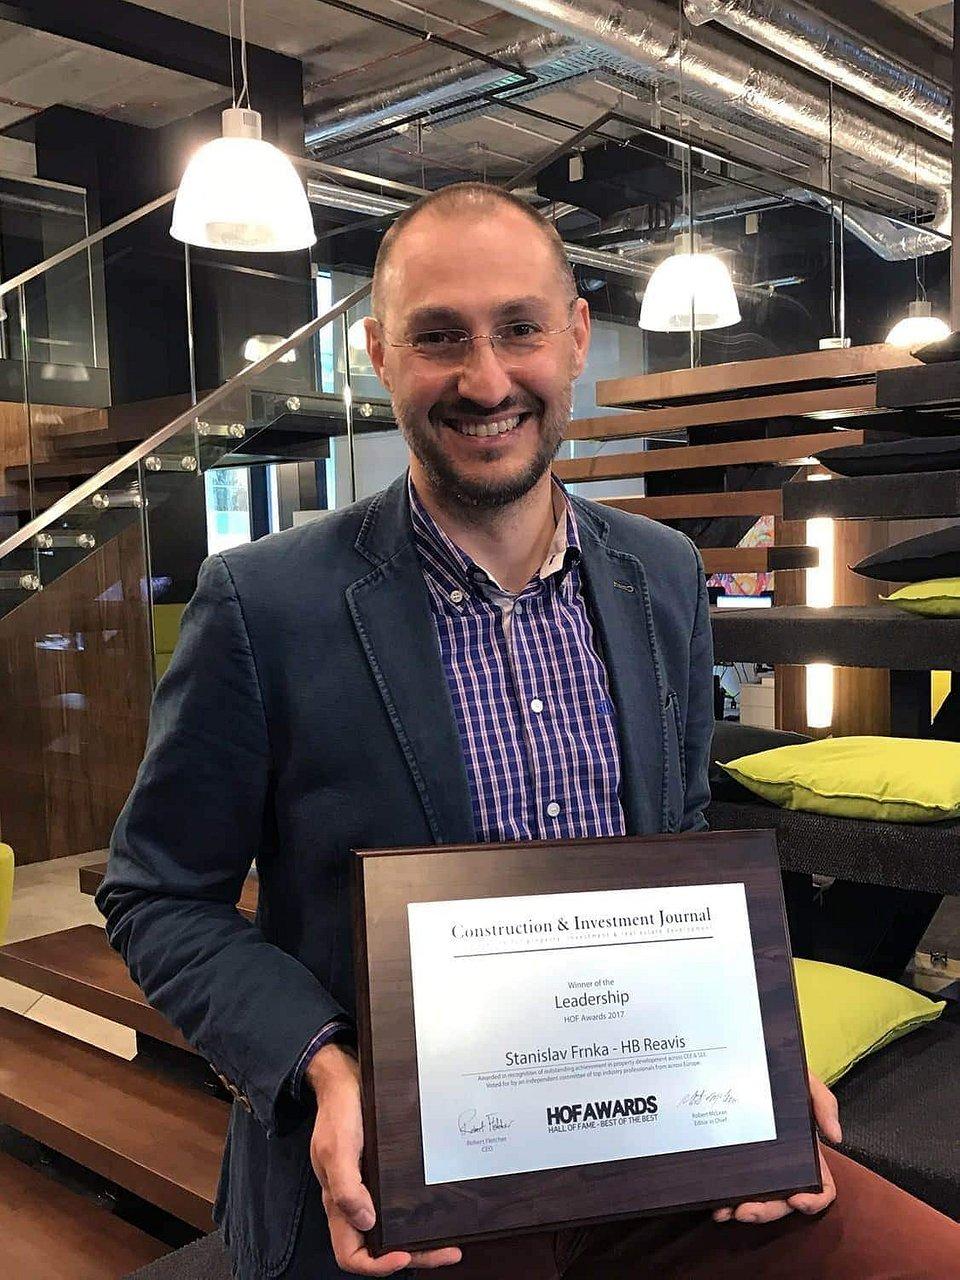 Stanislav_Frnka_Awarded.jpg